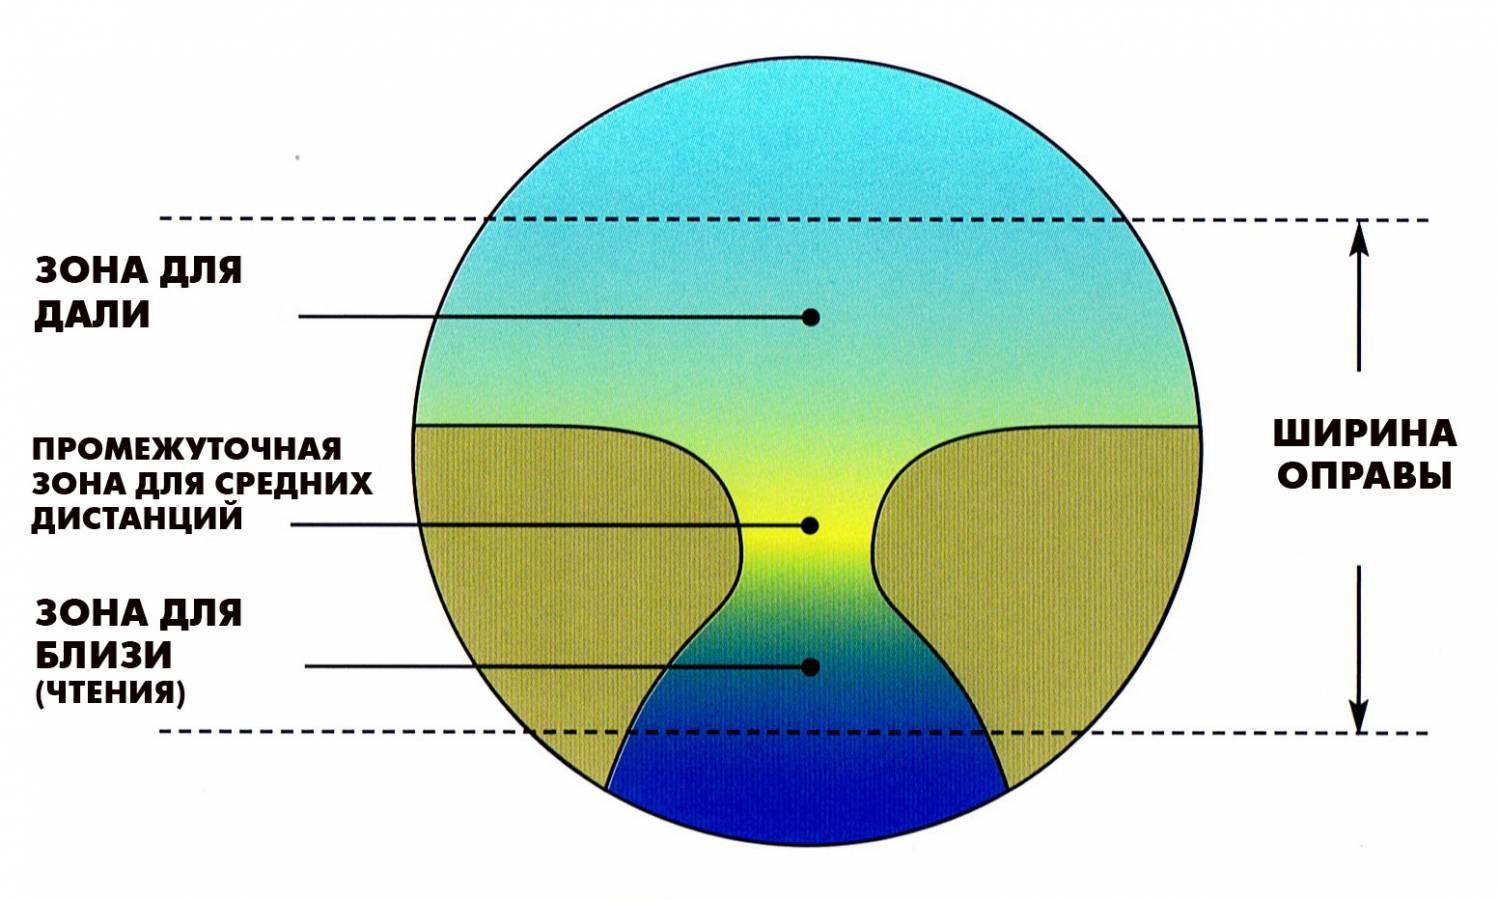 Egyszerű szavakkal kapcsolatban a myopia és a hyperopia